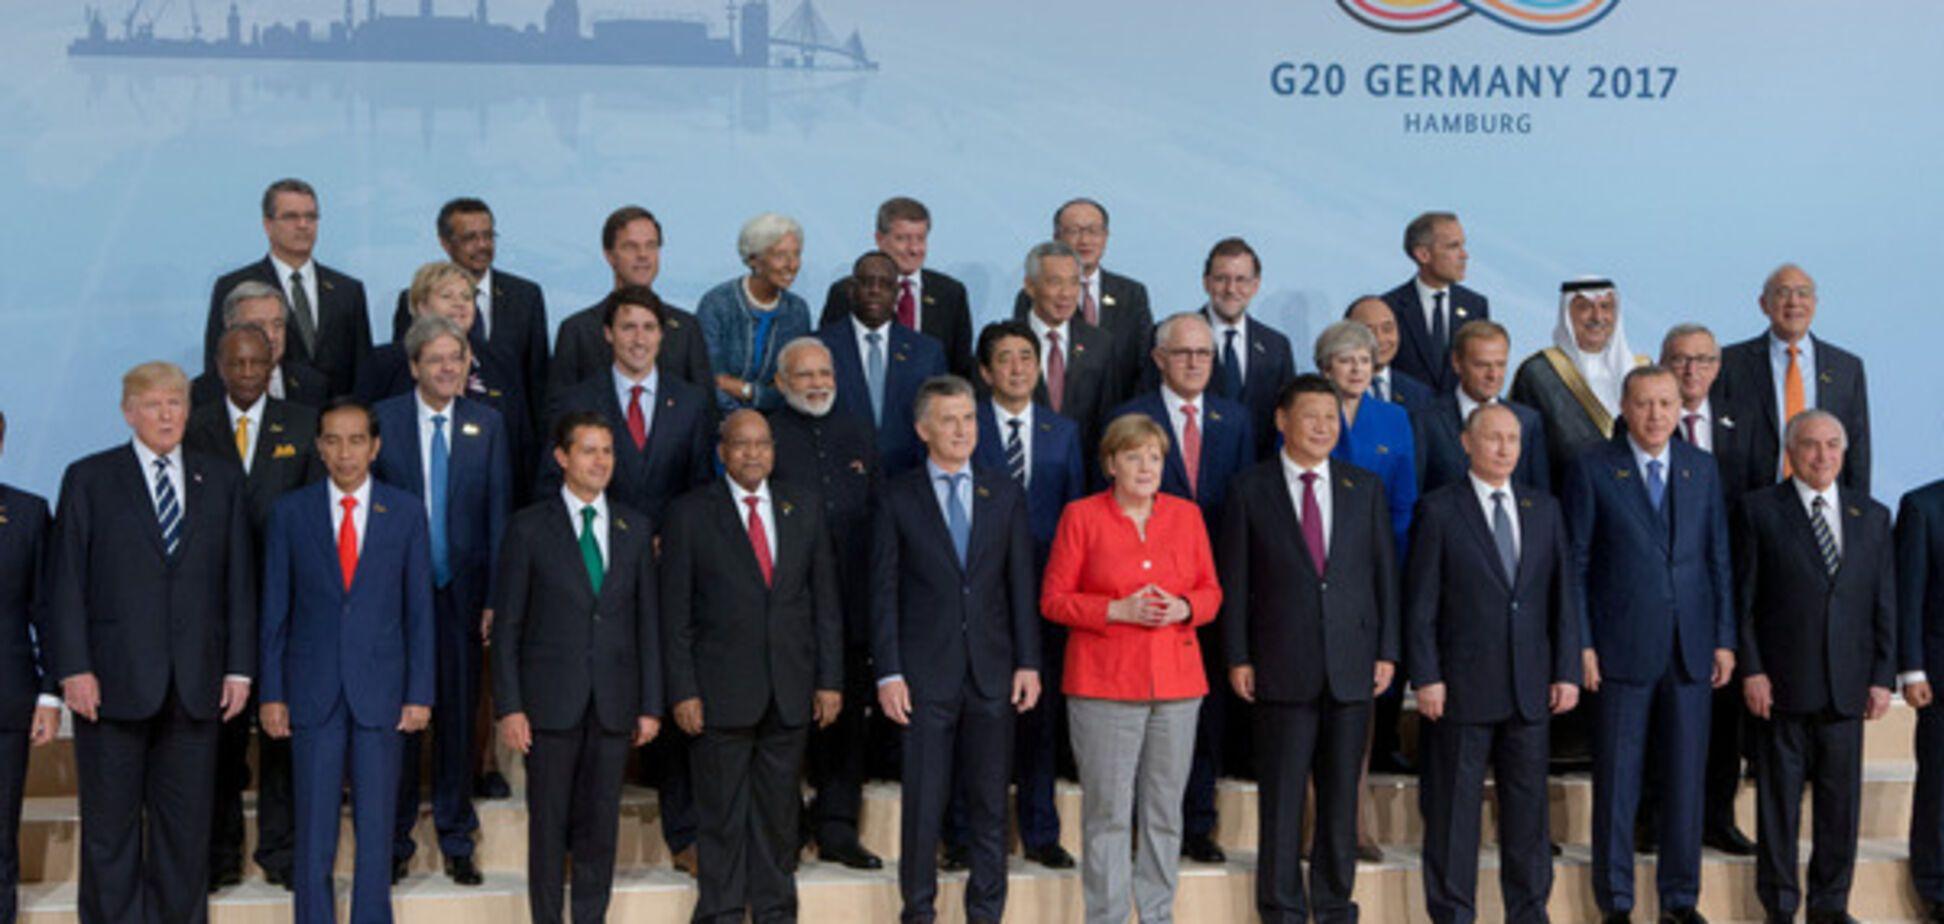 Геополітичні баталії: наслідки G20 для України